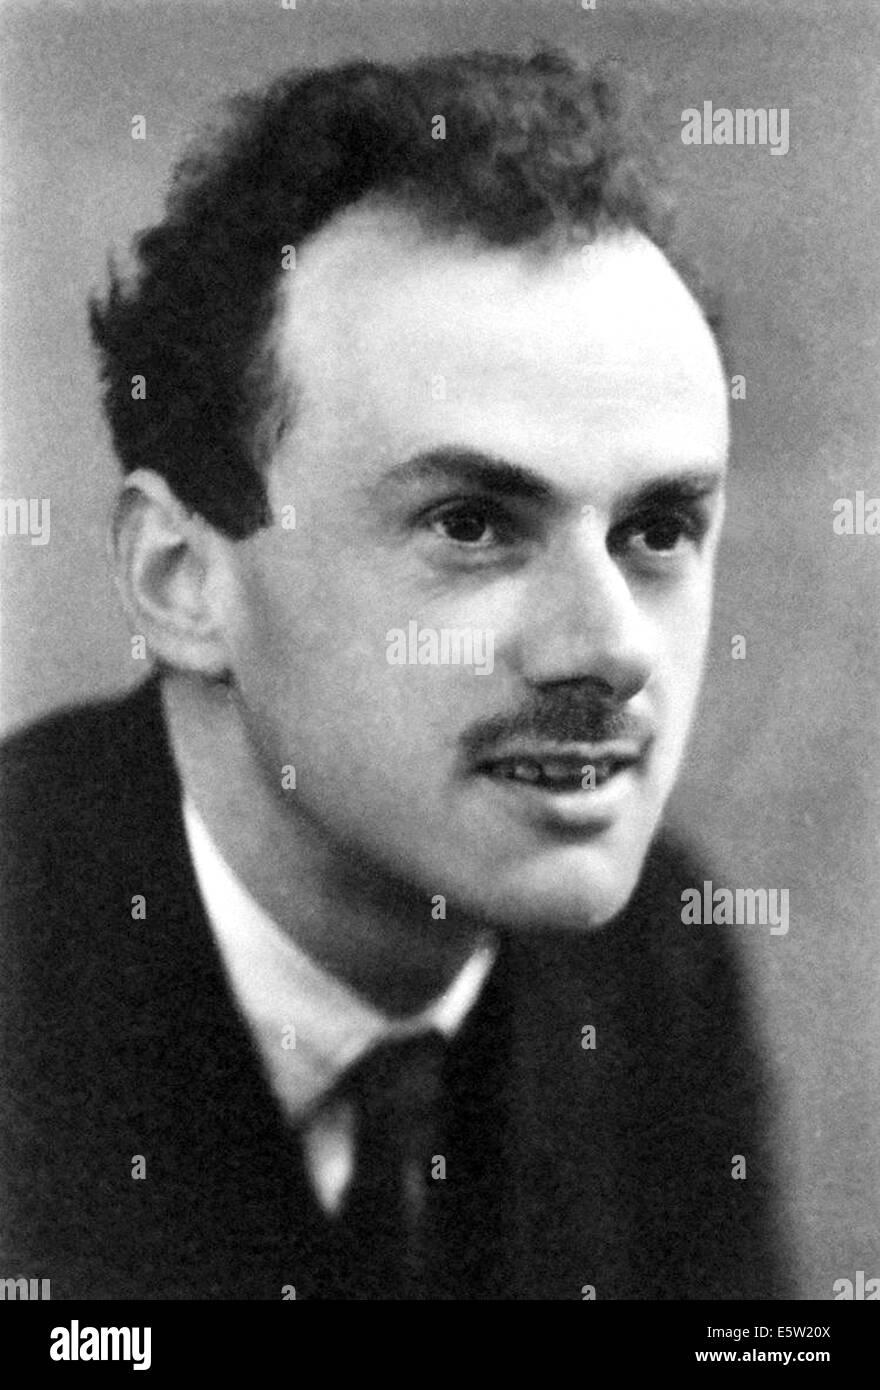 PAUL DIRAC (1902-1984), físico teórico inglés acerca de 1933 Foto de stock